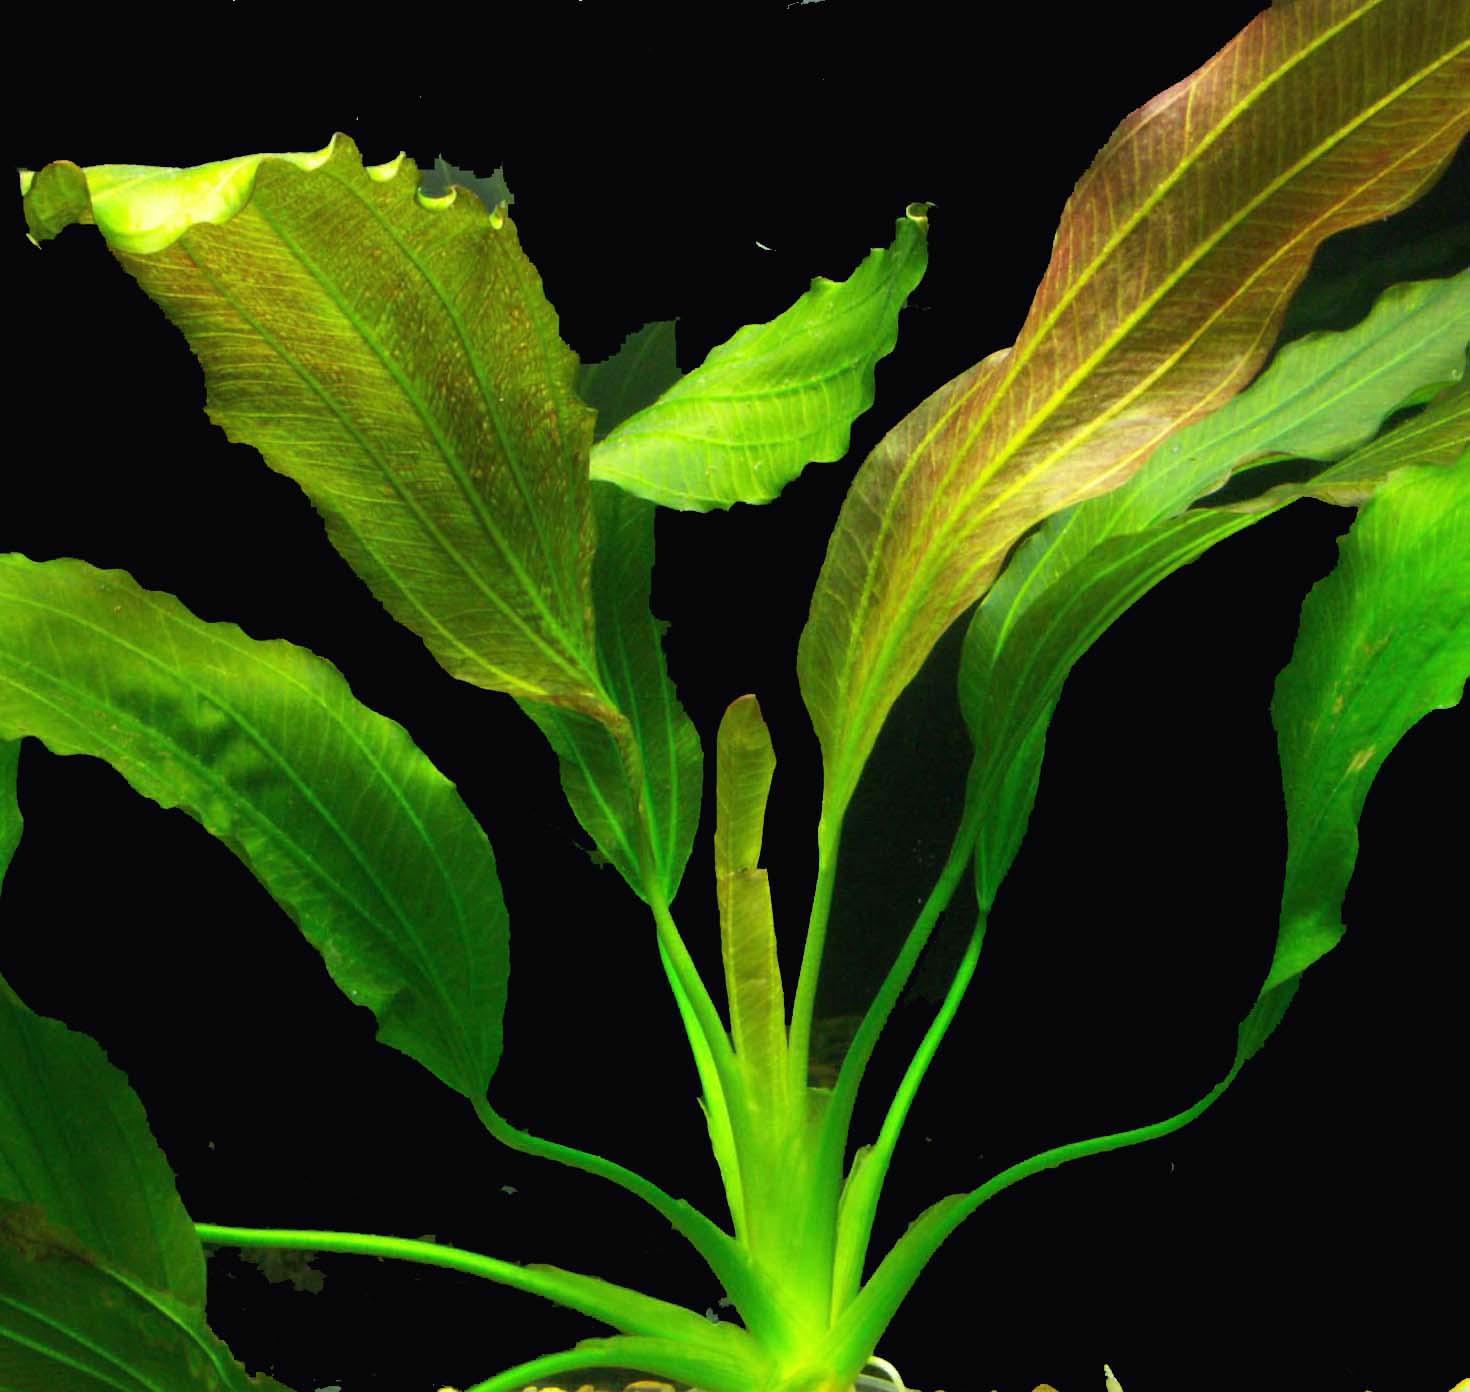 кредитный банк аквариумные растения фото с названиями и ценами моторолы сих пор